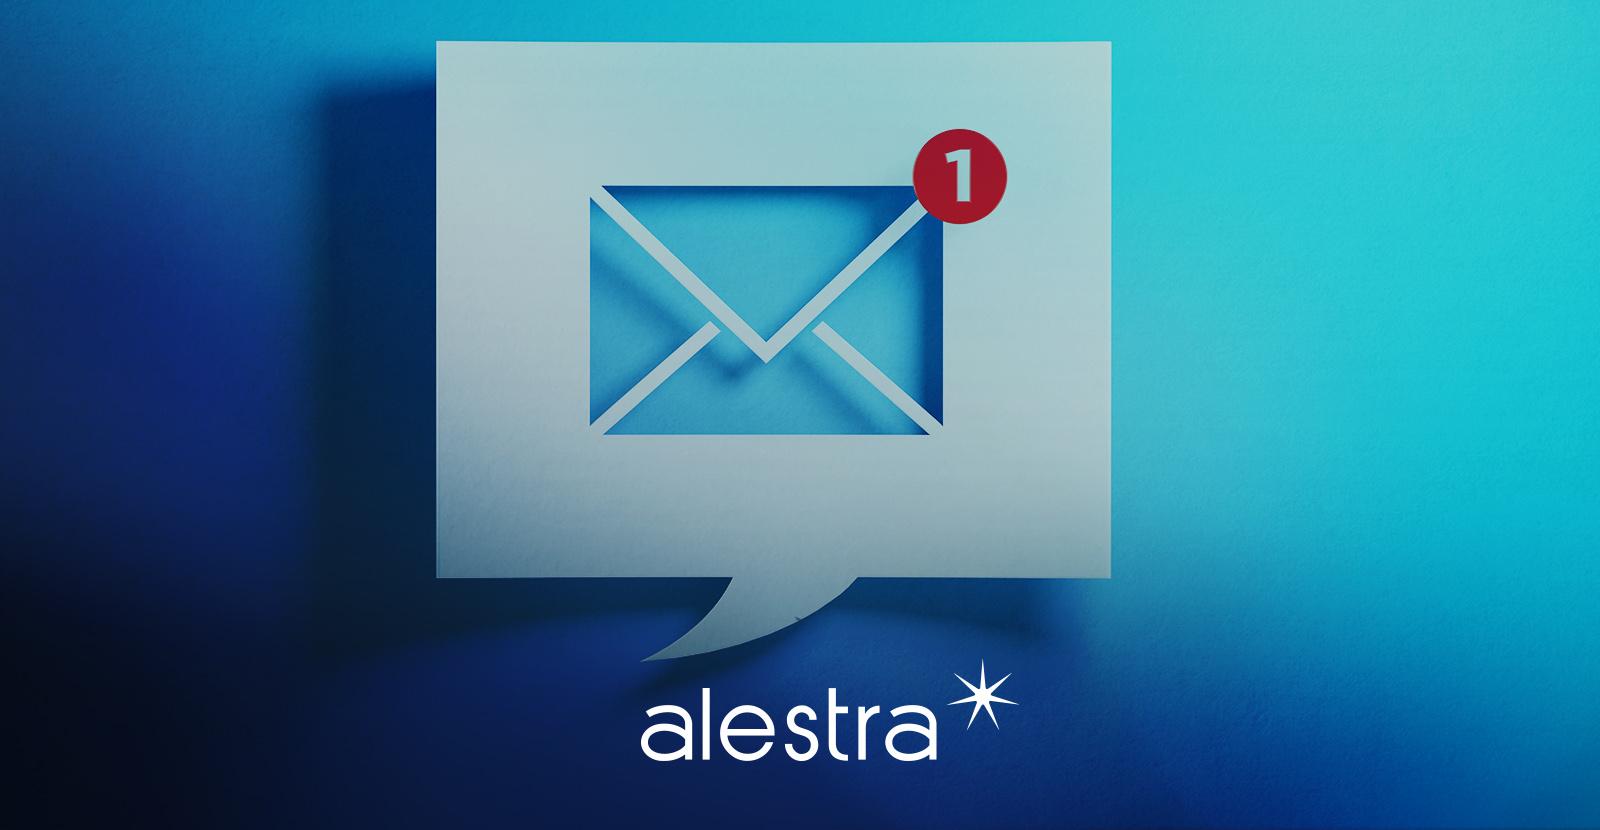 Colaborador recibe un correo en su aplicación personal y las soluciones de Alestra se aseguran que no esté infectado o sea spam